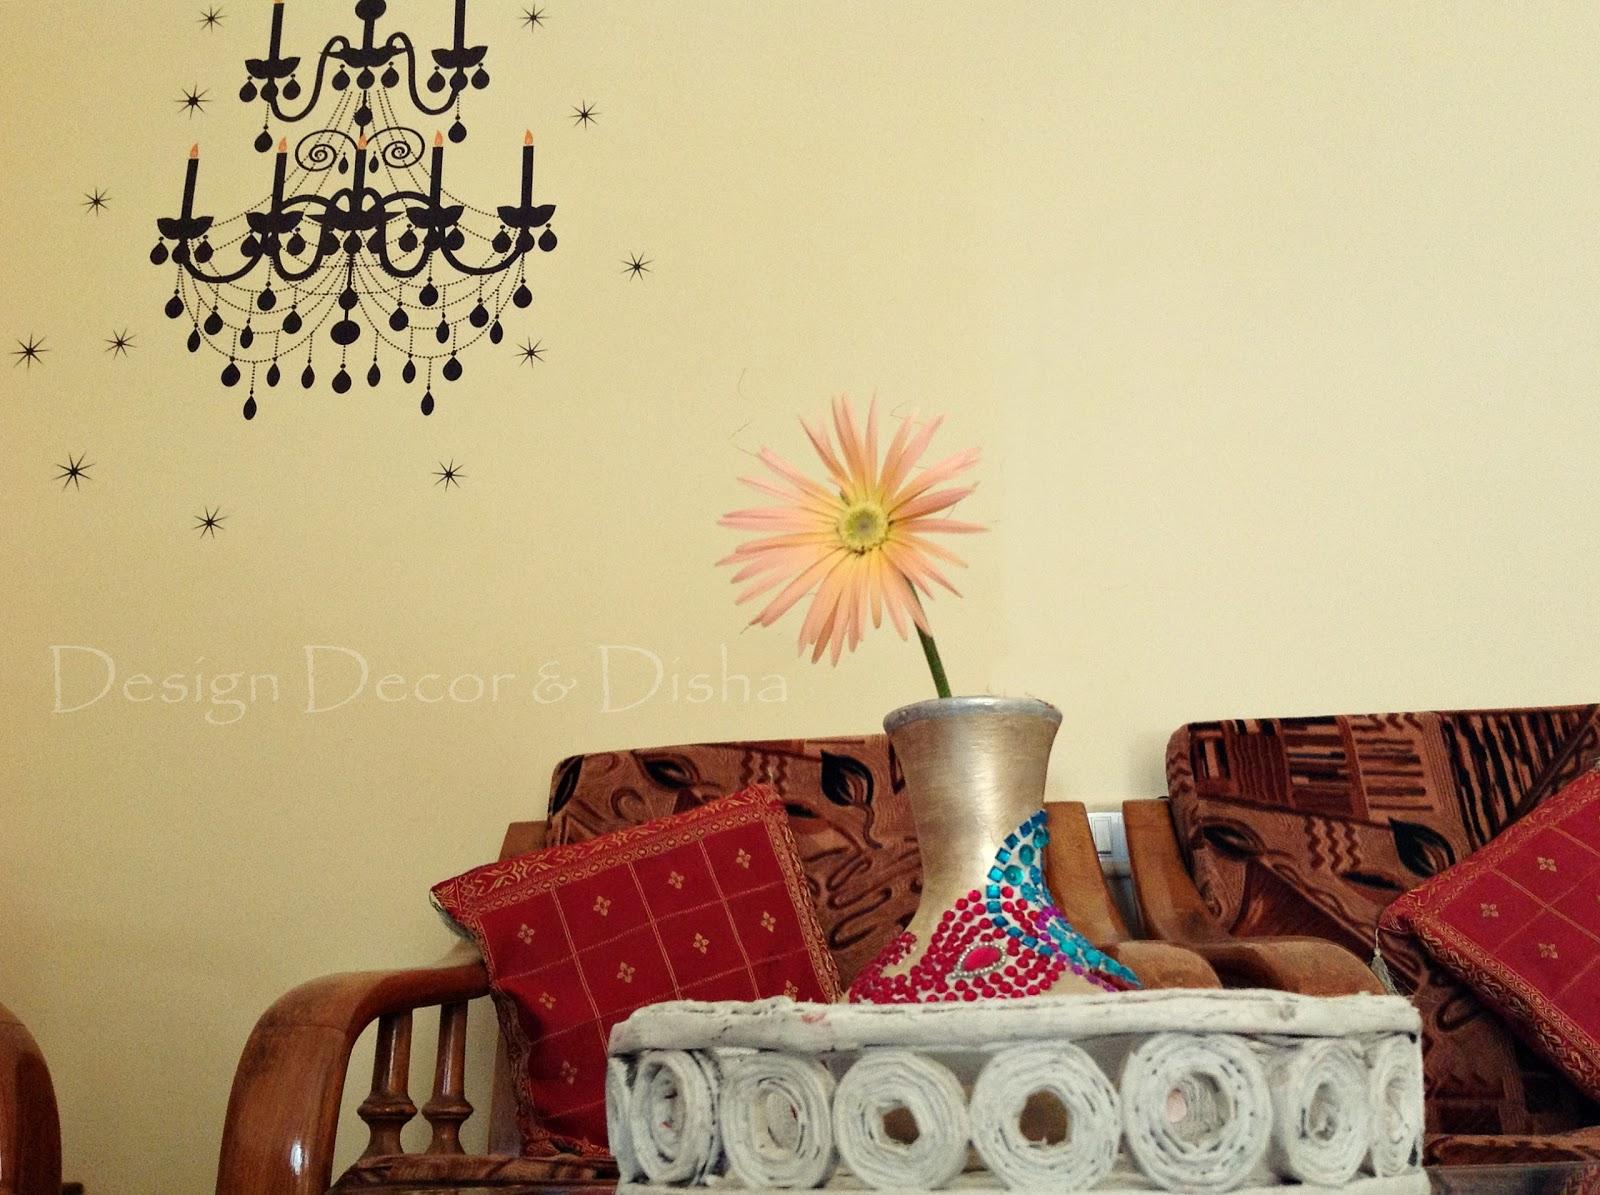 Design Decor & Disha | An Indian Design & Decor Blog: KwikDeko Wall ...